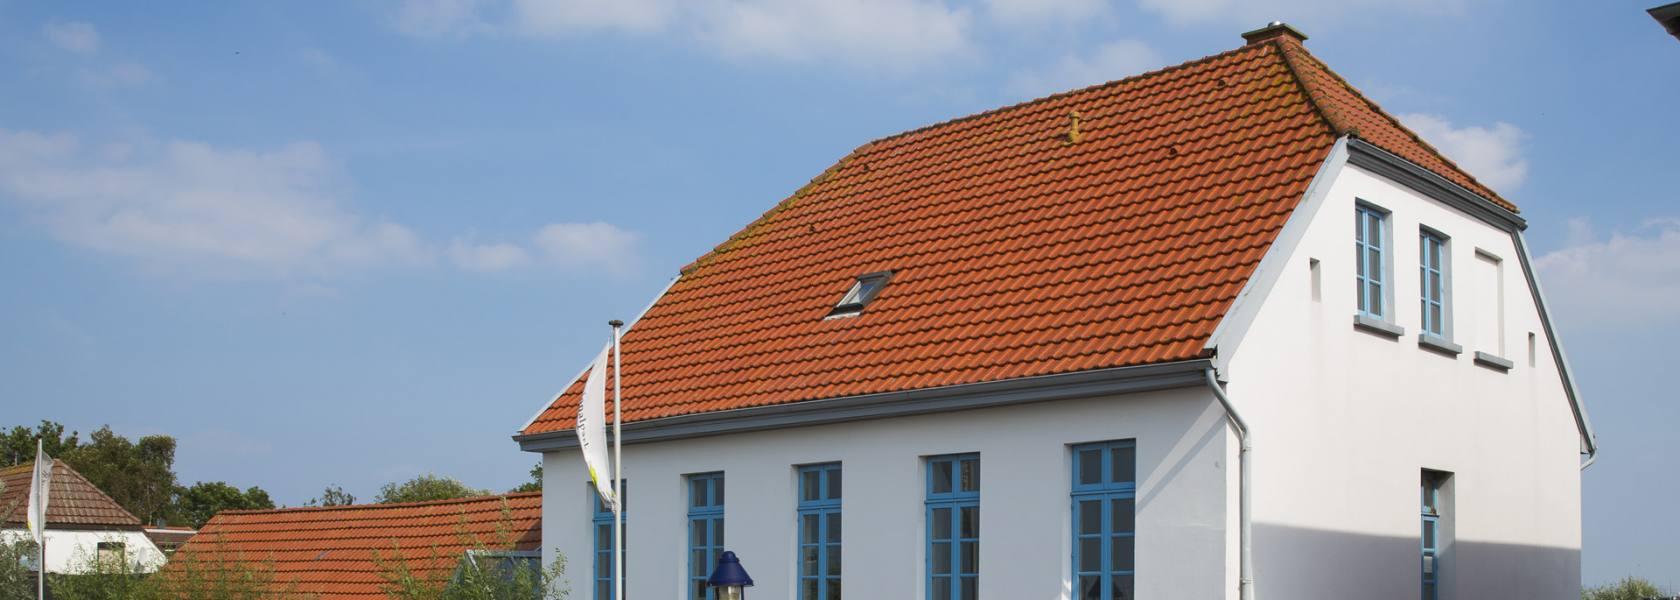 Nationalpark-Haus Museum Fedderwardersiel, © Tourismus-Service Butjadingen GmbH & Co. KG